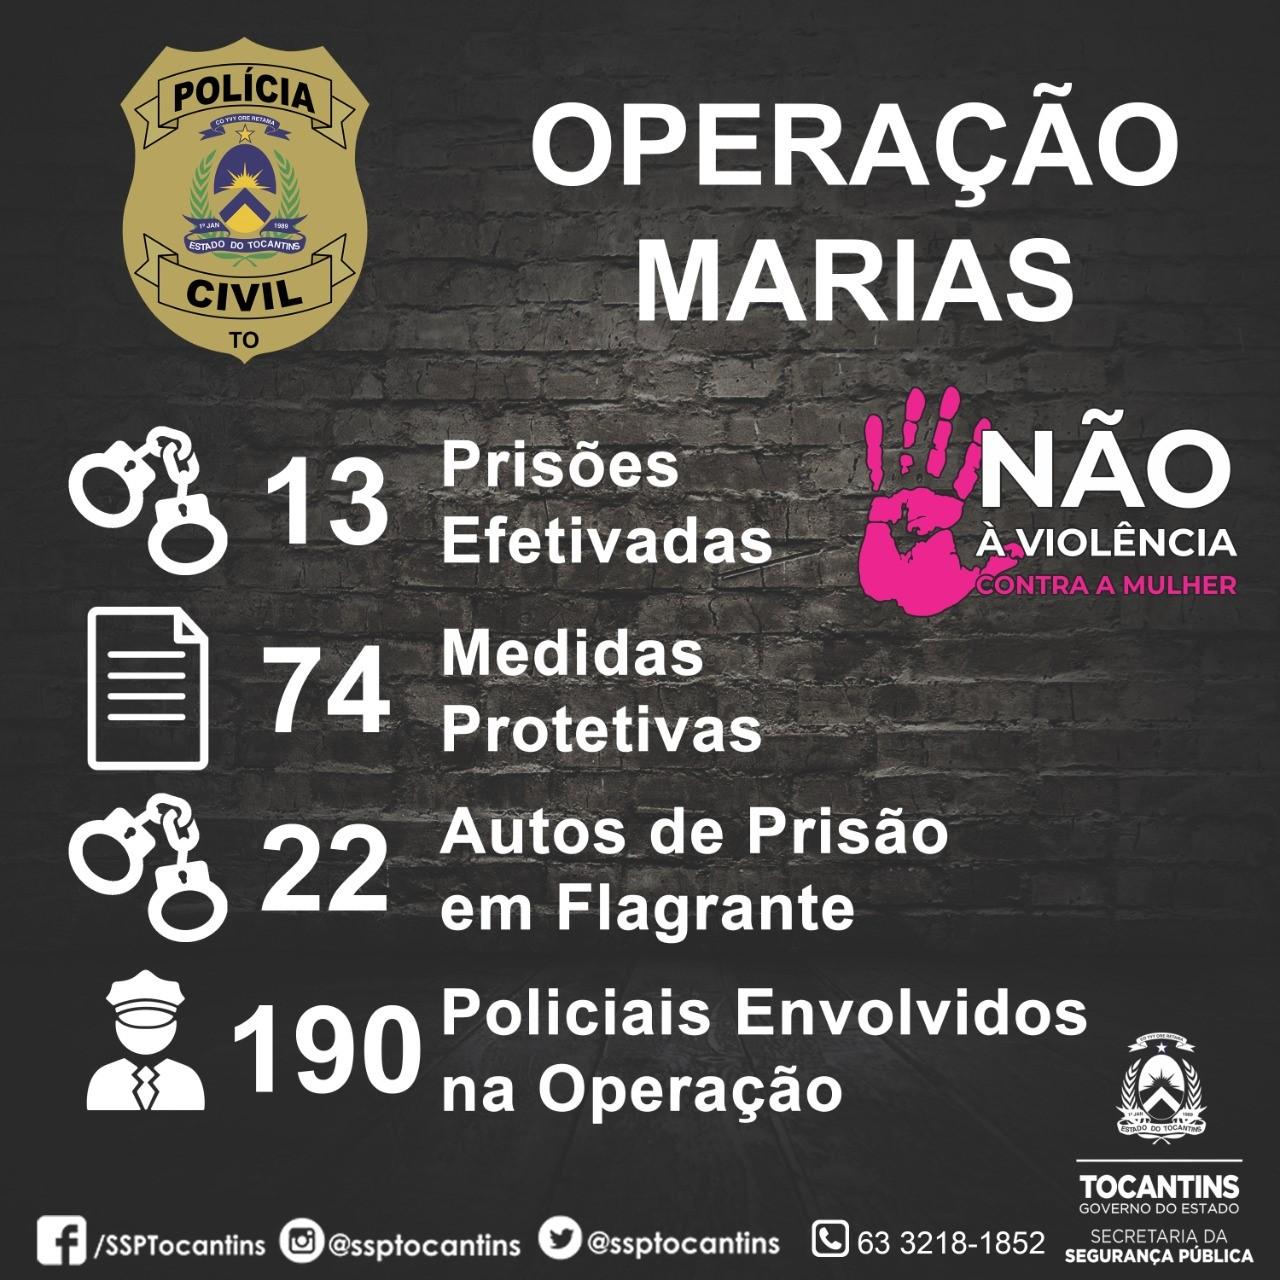 Operação Marias de amplitude nacional intensifica cumprimento de mandados no Tocantins